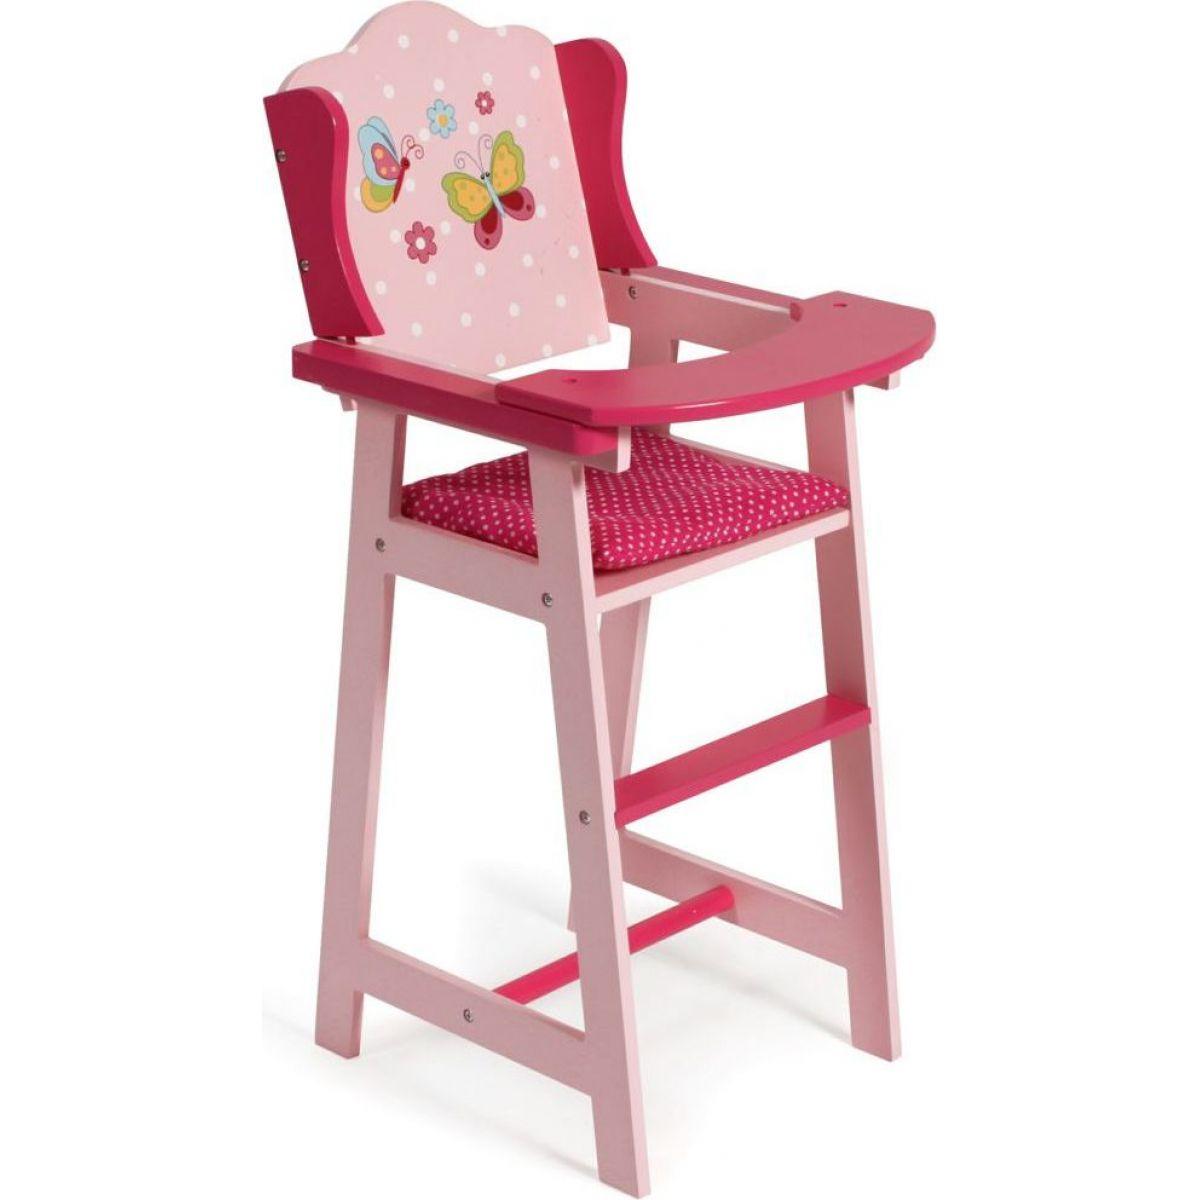 Bayer Chic Jídelní židlička s motýlky